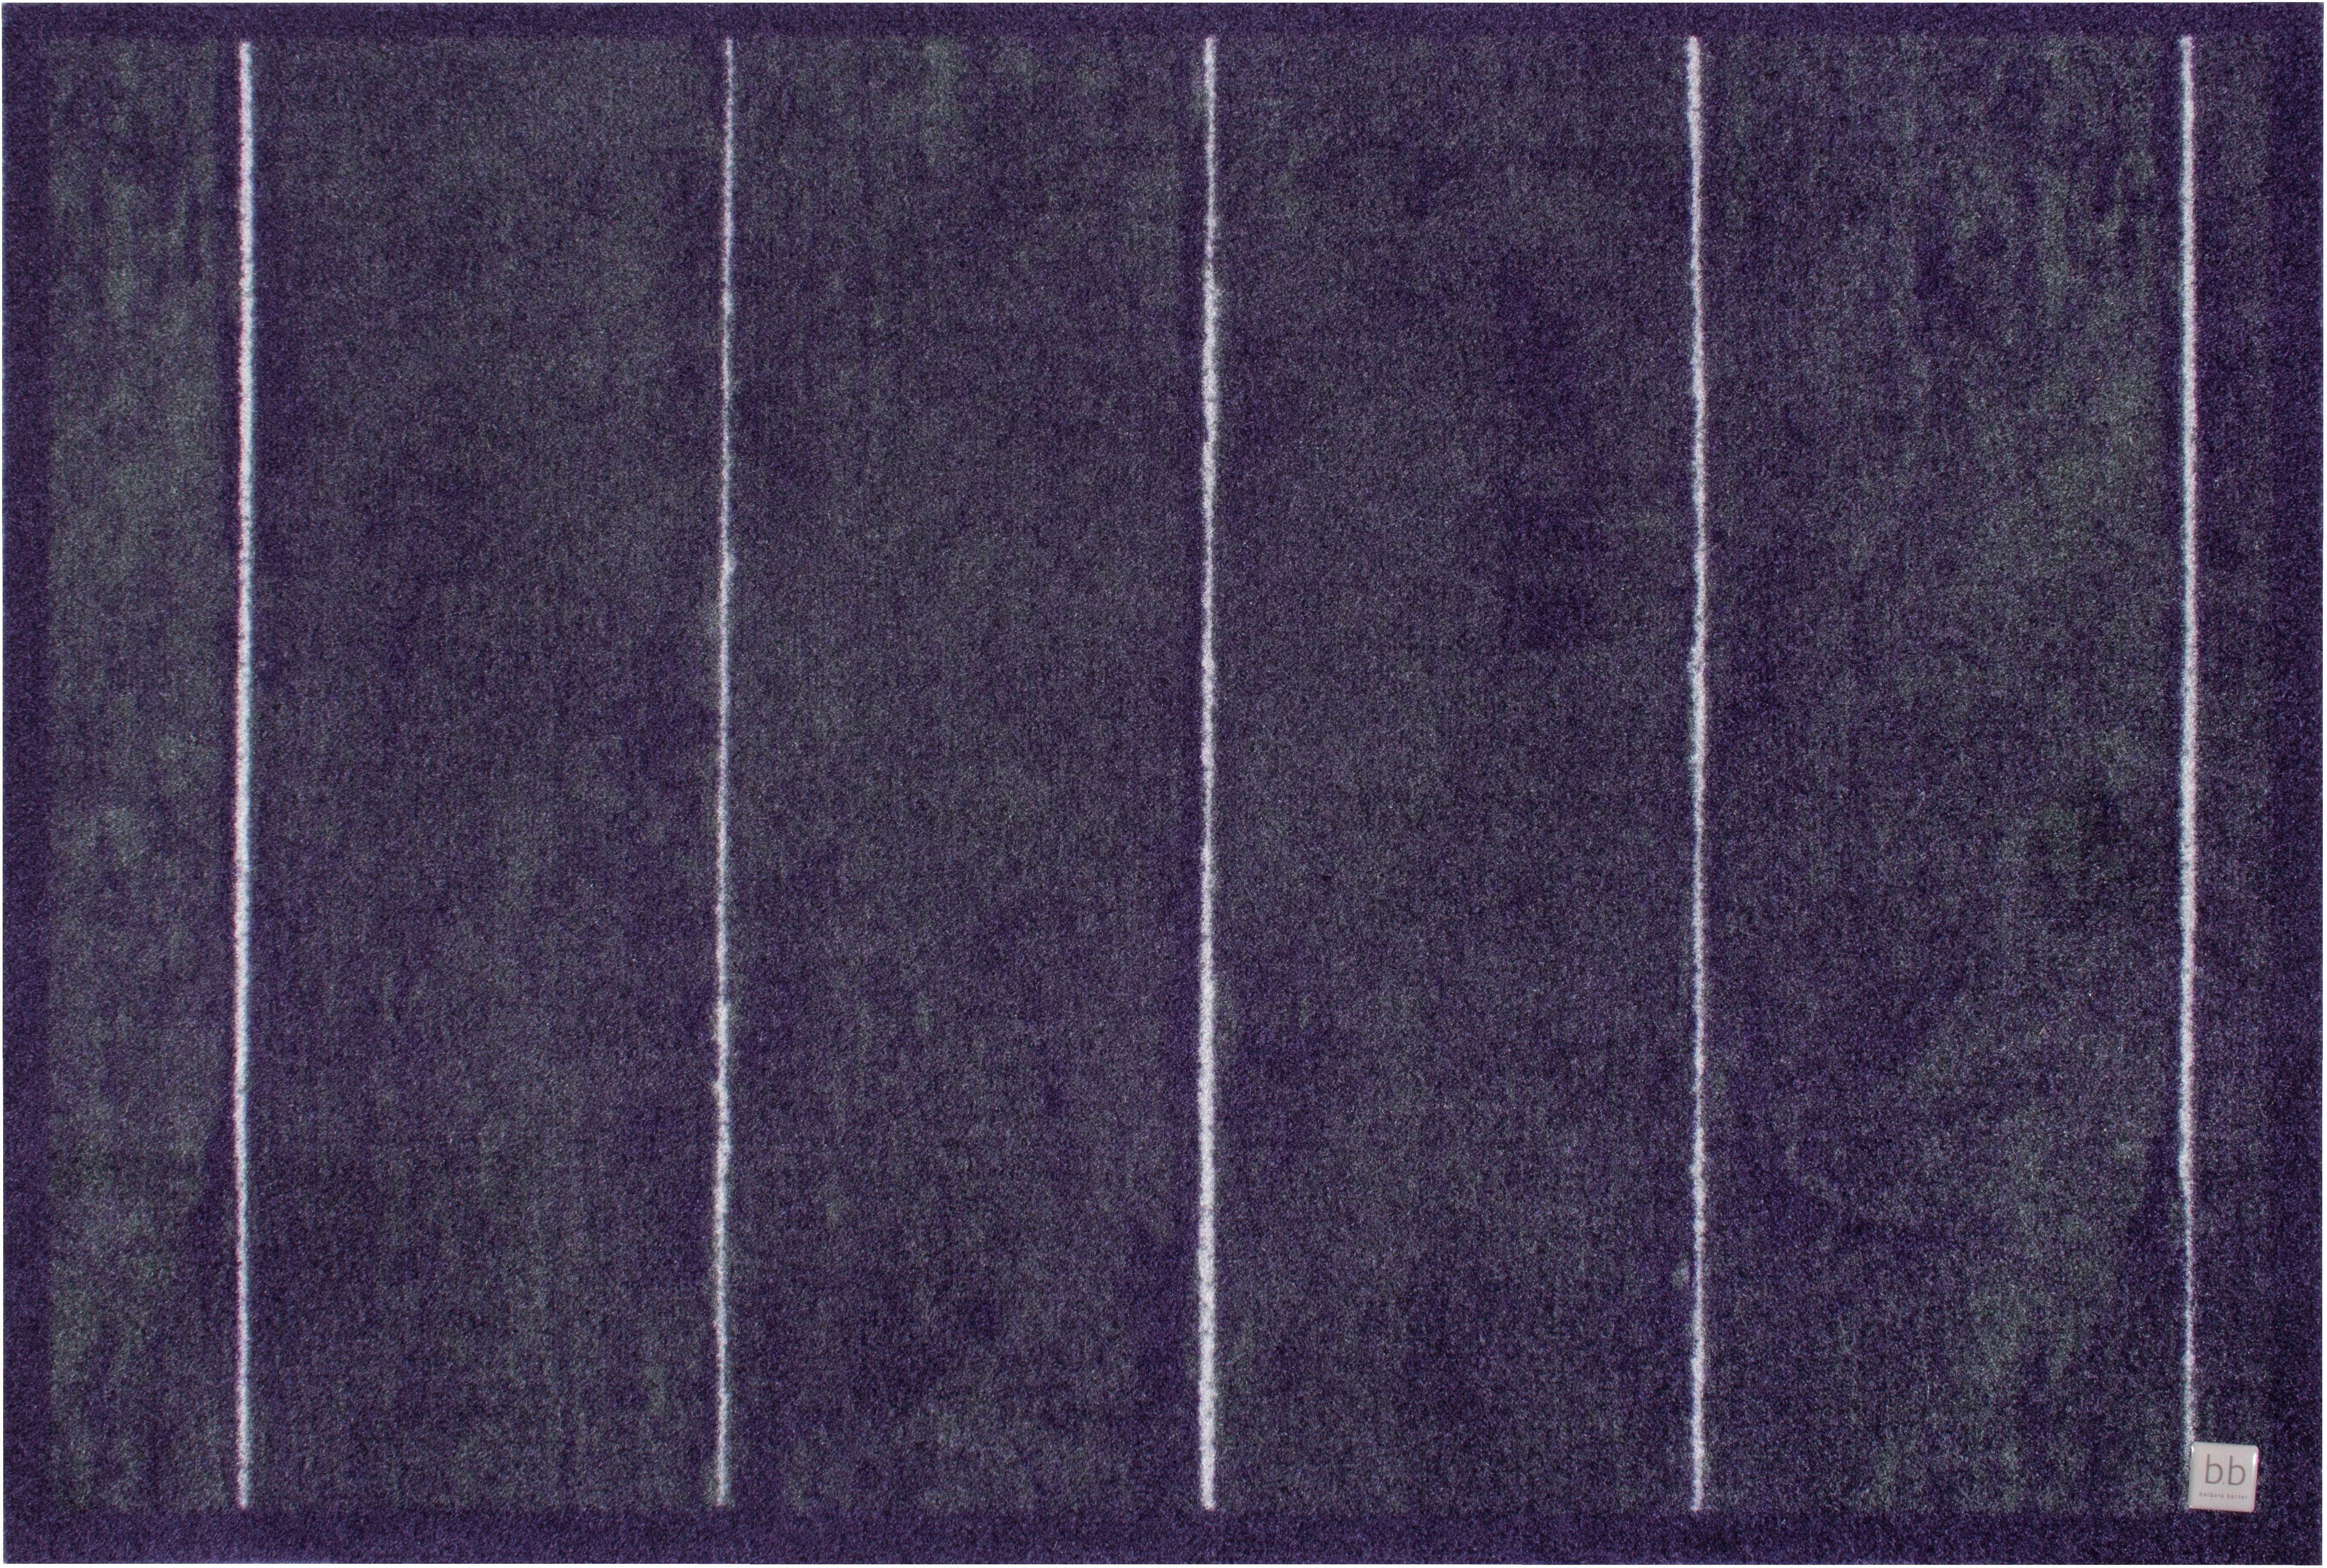 Image of Barbara Becker Fussmatte »Beachwood«, rechteckig, 10 mm Höhe, Schmutzfangmatte, In- und Outdoor geeignet, waschbar